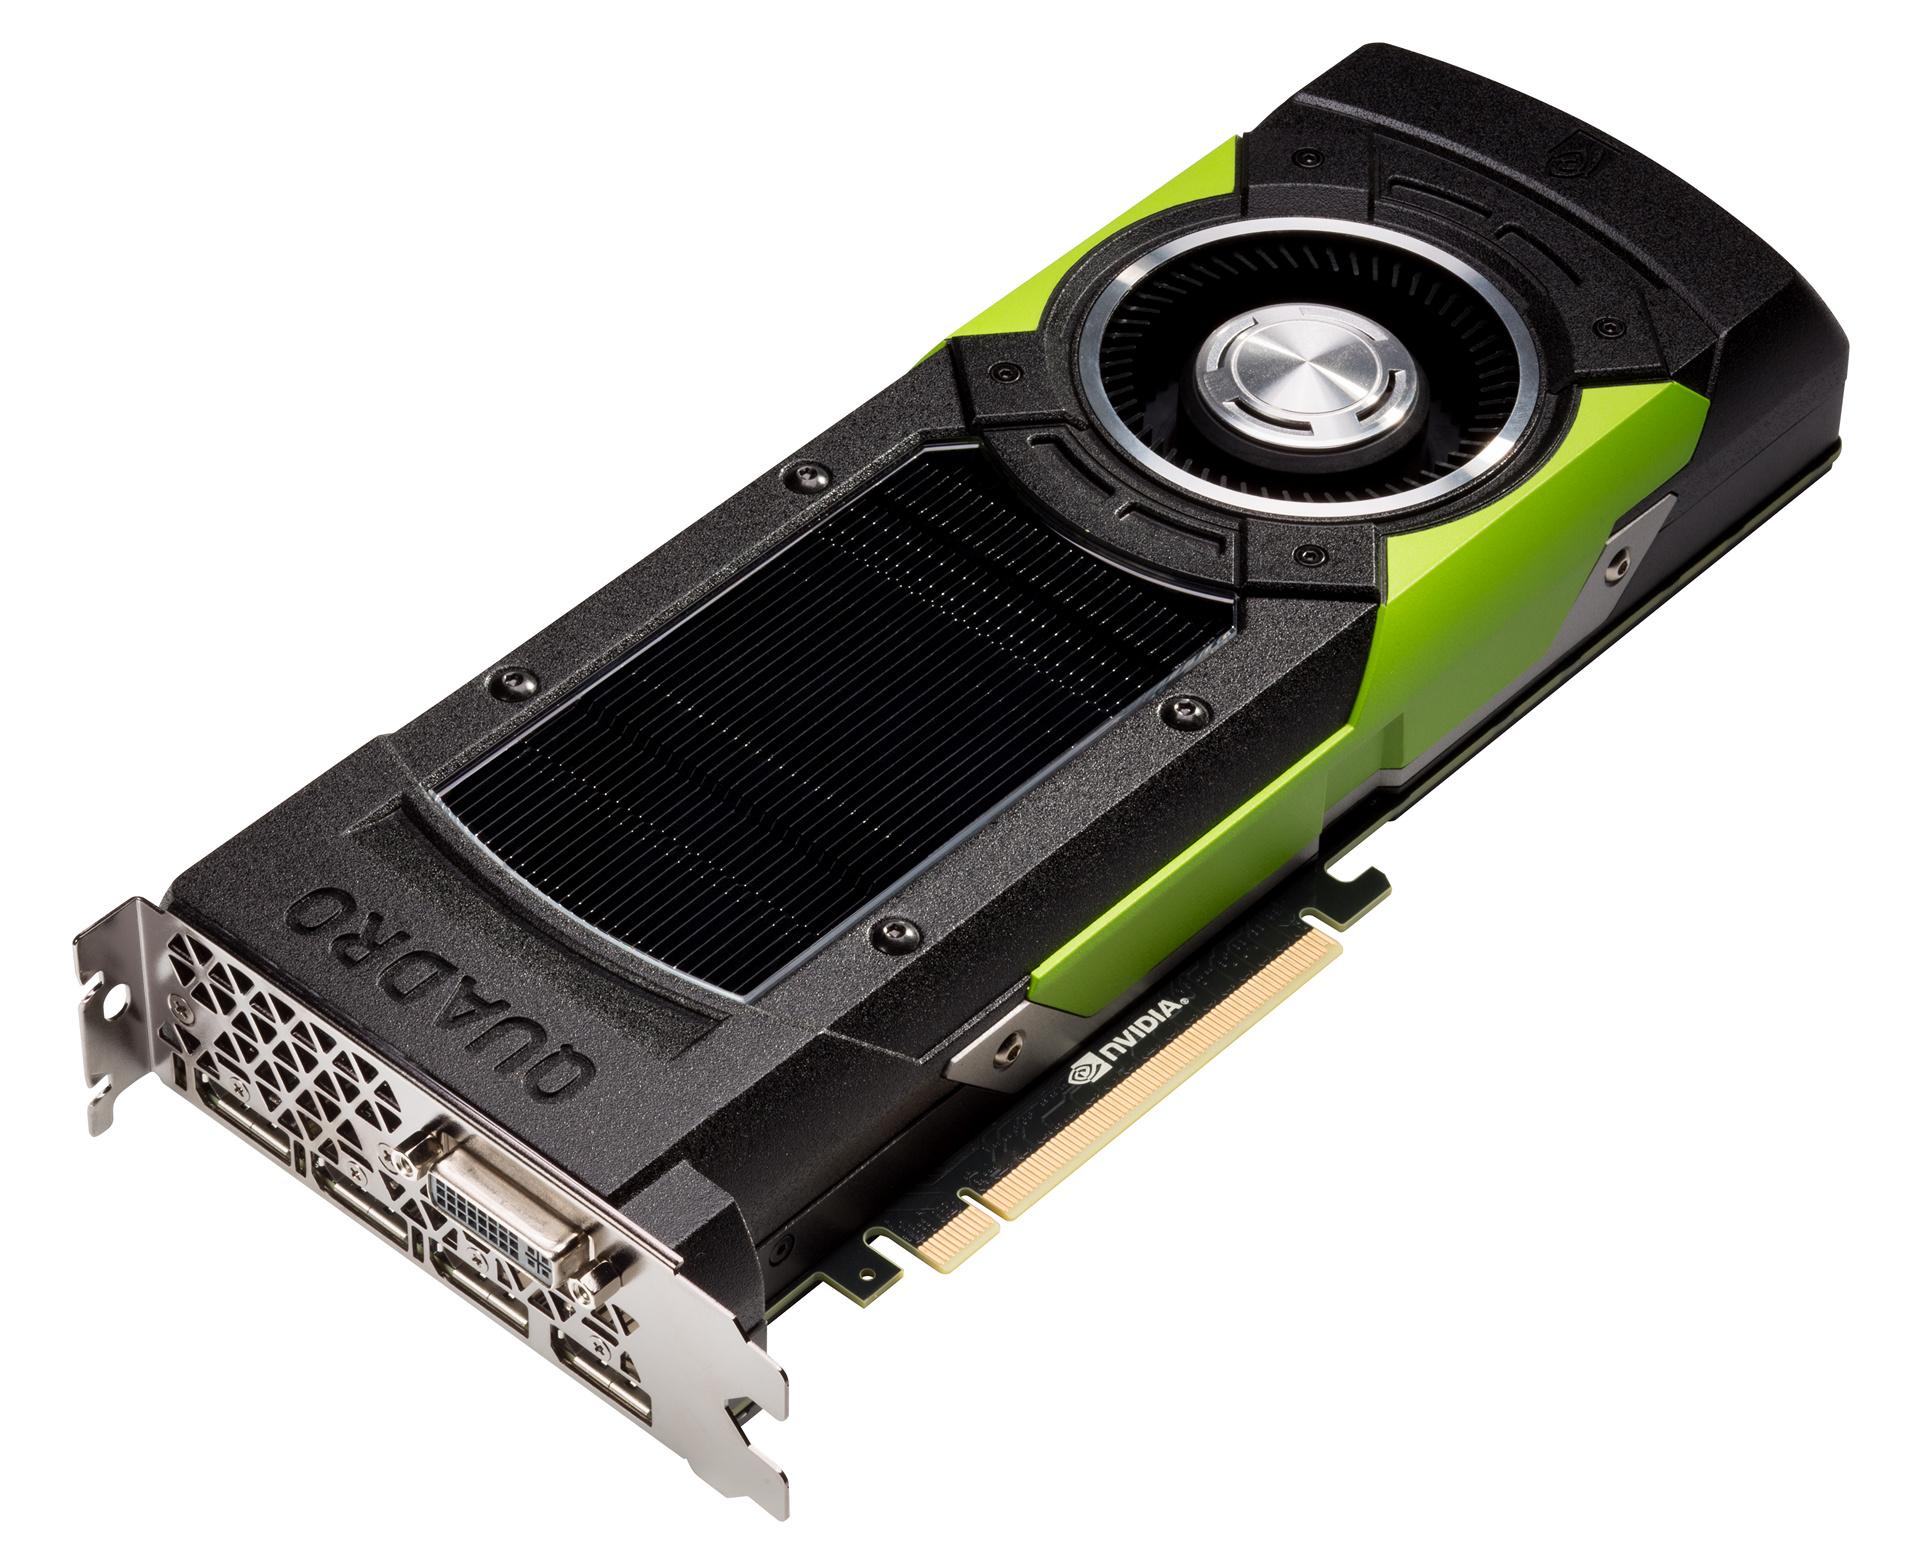 Quadro M6000: Nvidia verdoppelt Videospeicher der Profi-Karte auf 24 GByte - Quadro M6000 (Bild: Nvidia)